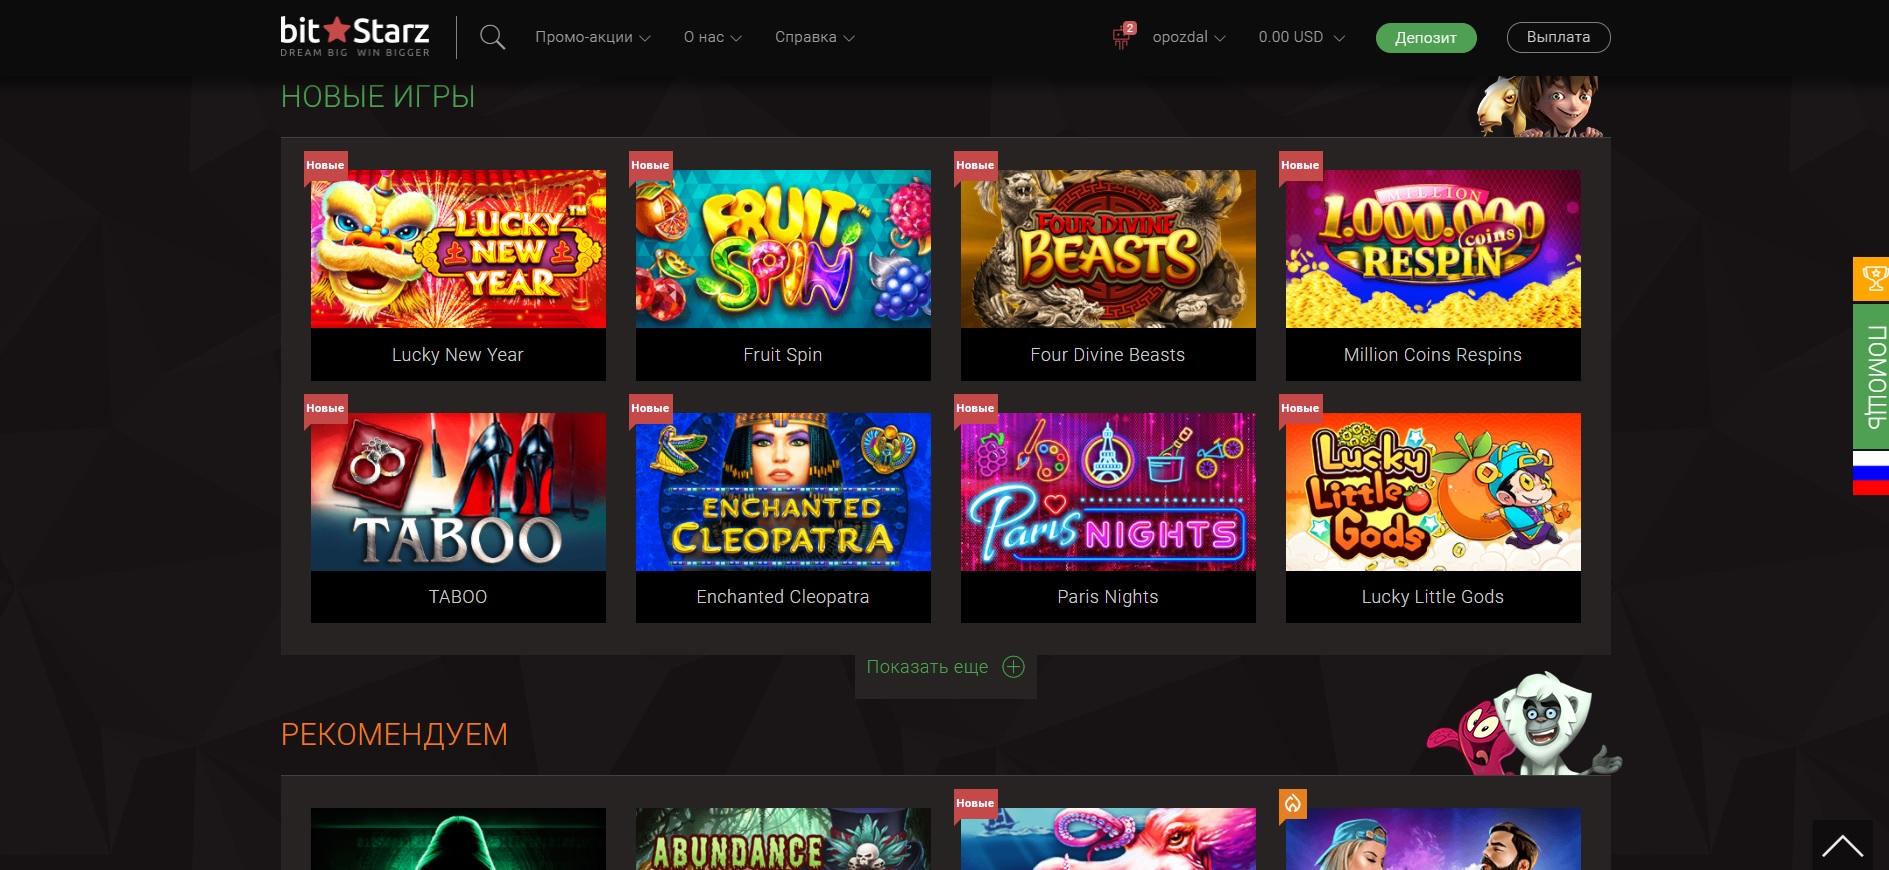 bitstarz casino зеркало